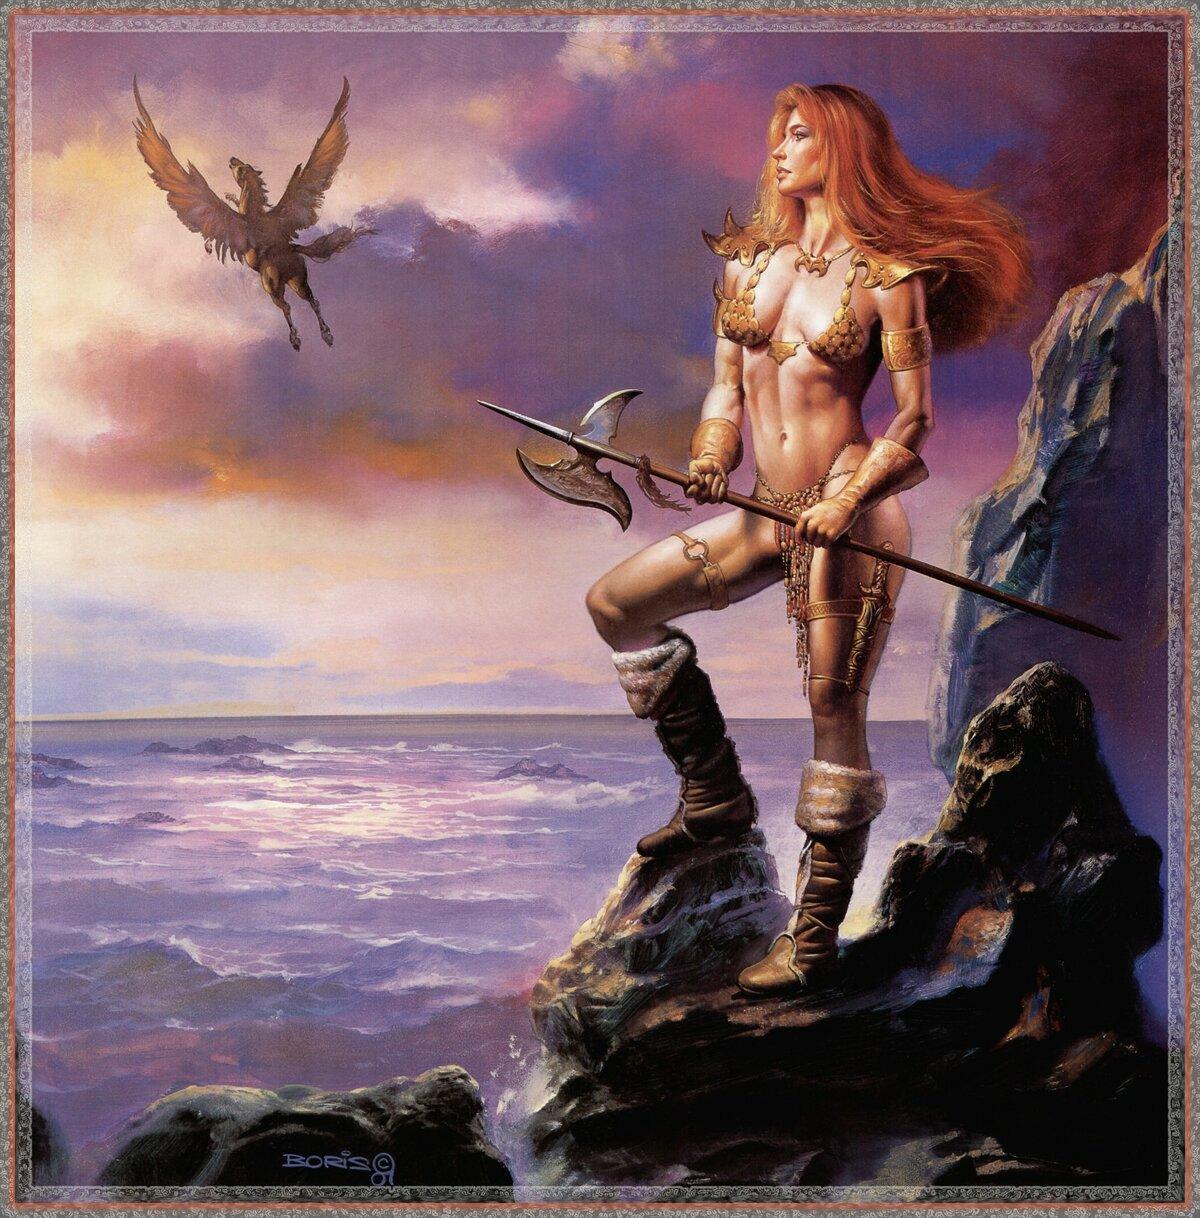 Sex in fantasy novels